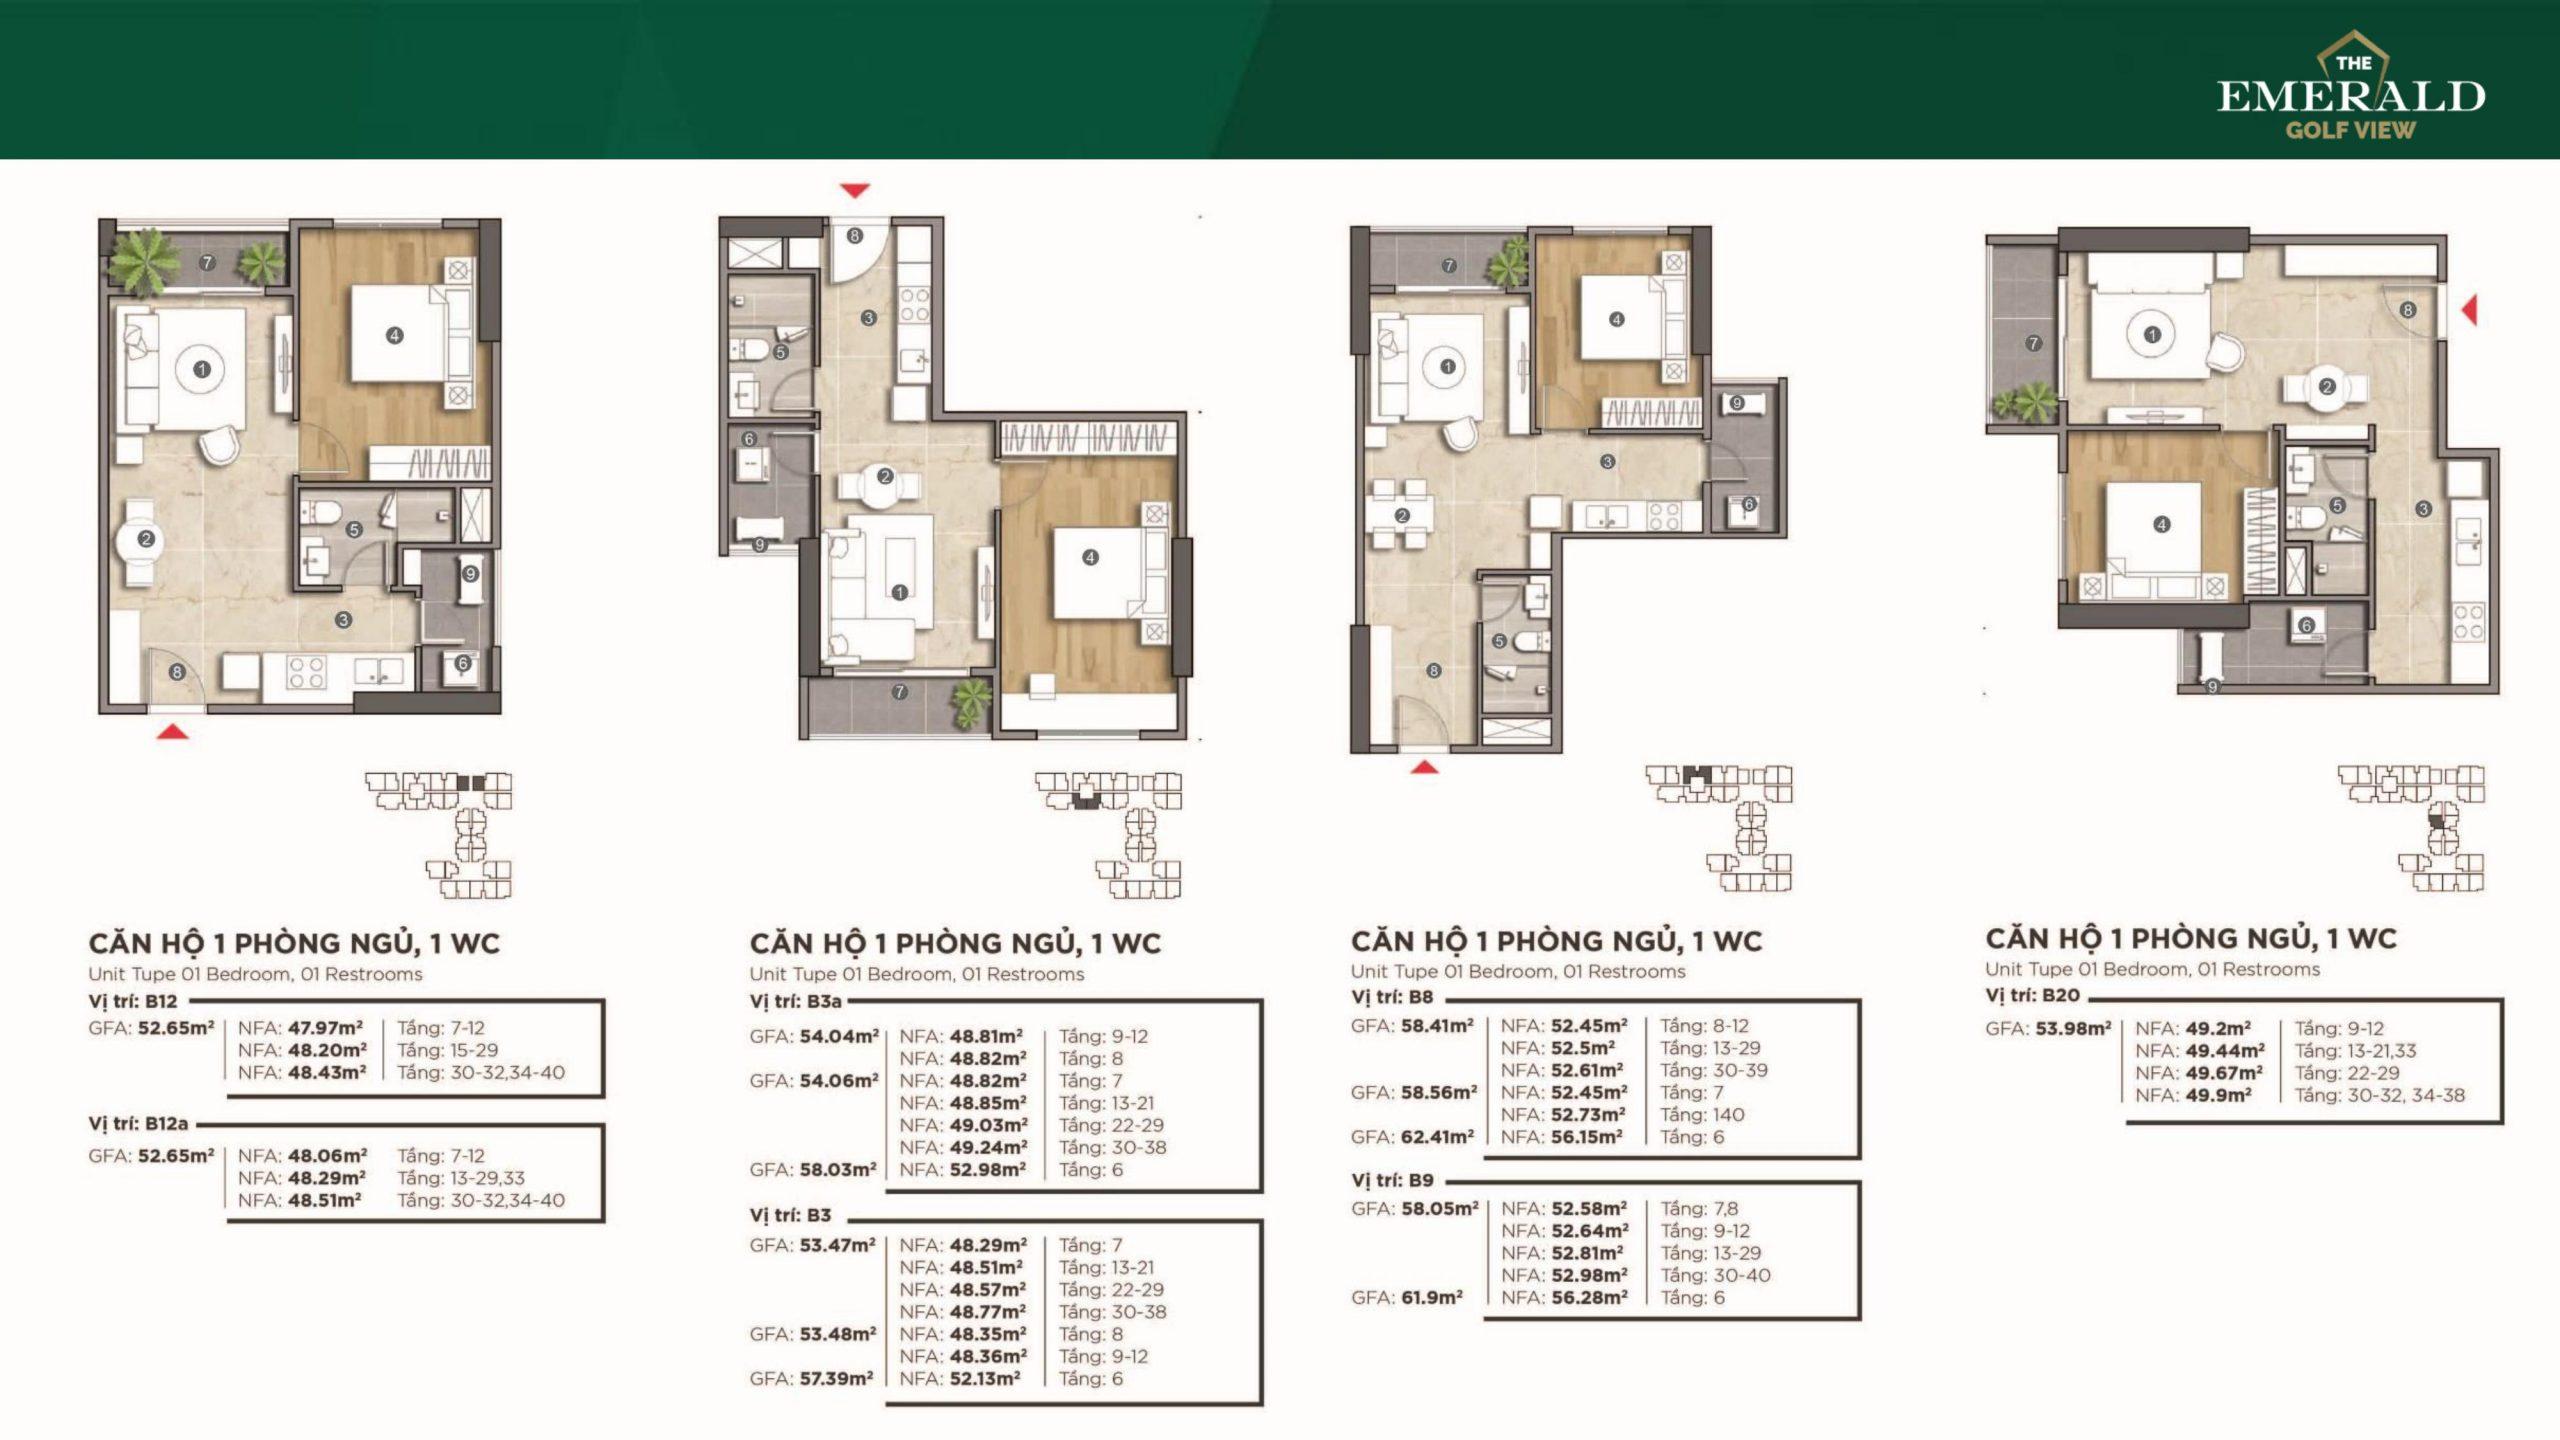 Thiết kế chi tiết tường mẫu căn hộ